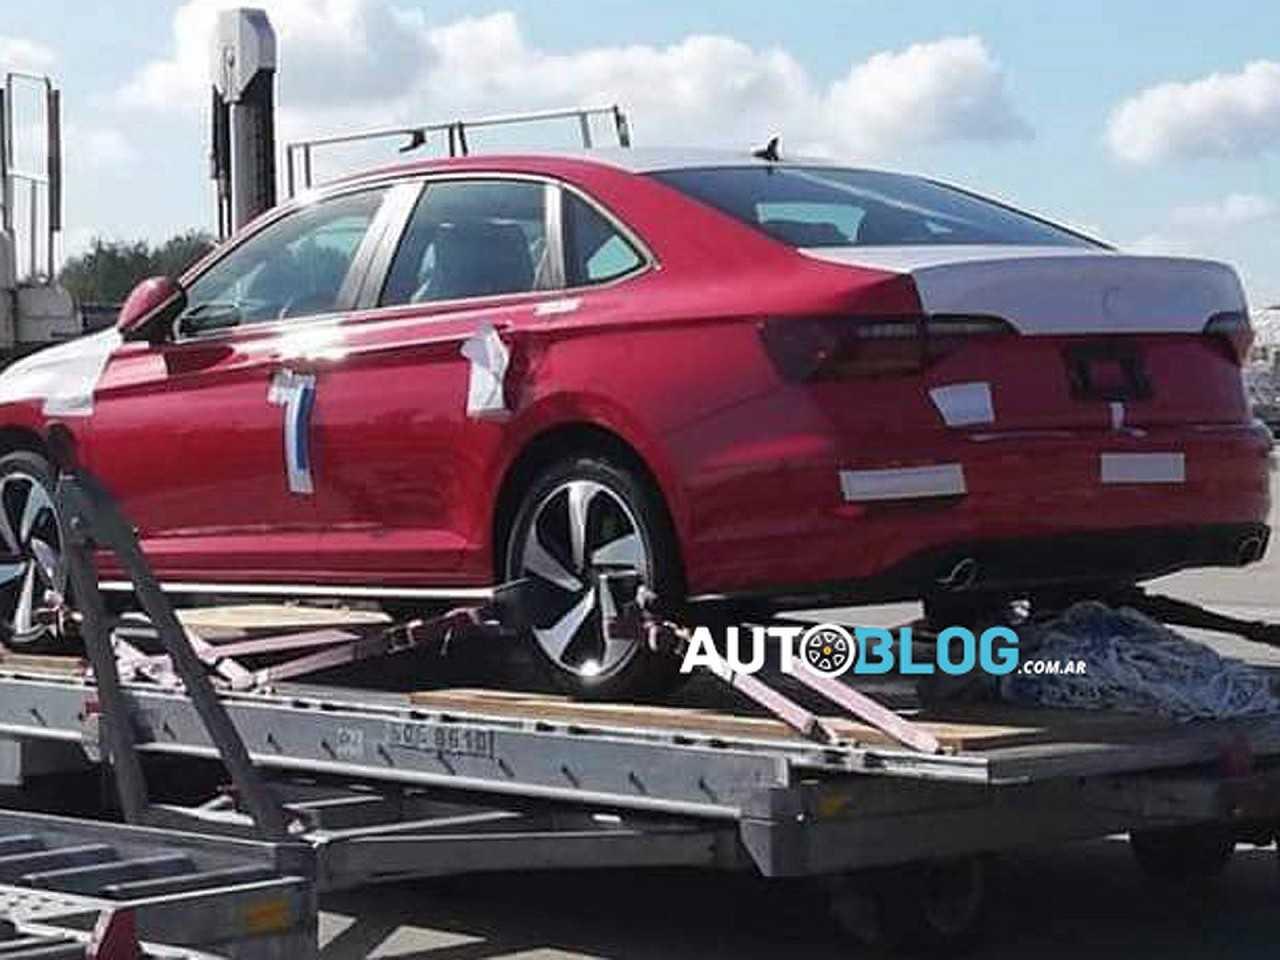 Flagra do novo VW Jetta com motor 2.0 turbo publicado no site Argentina Autoblog